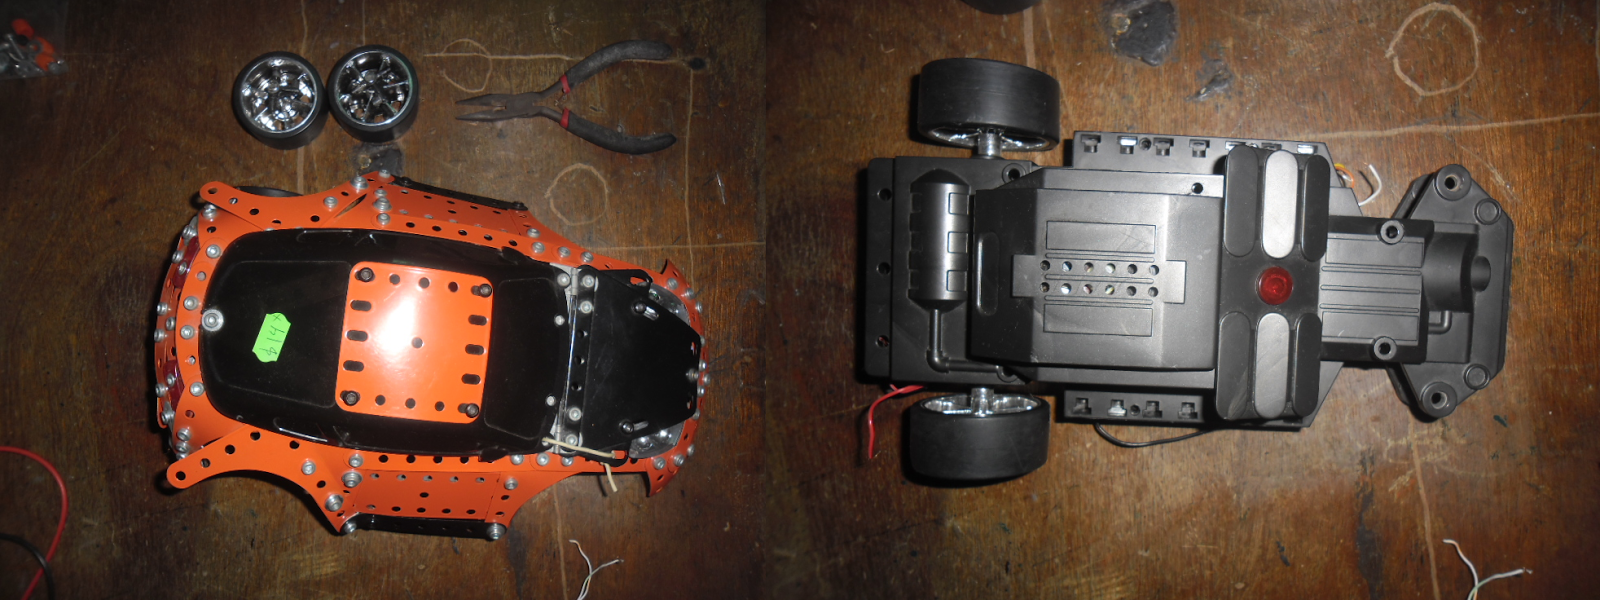 Proyectos Mecatronica Proyecto 1 Parte 1